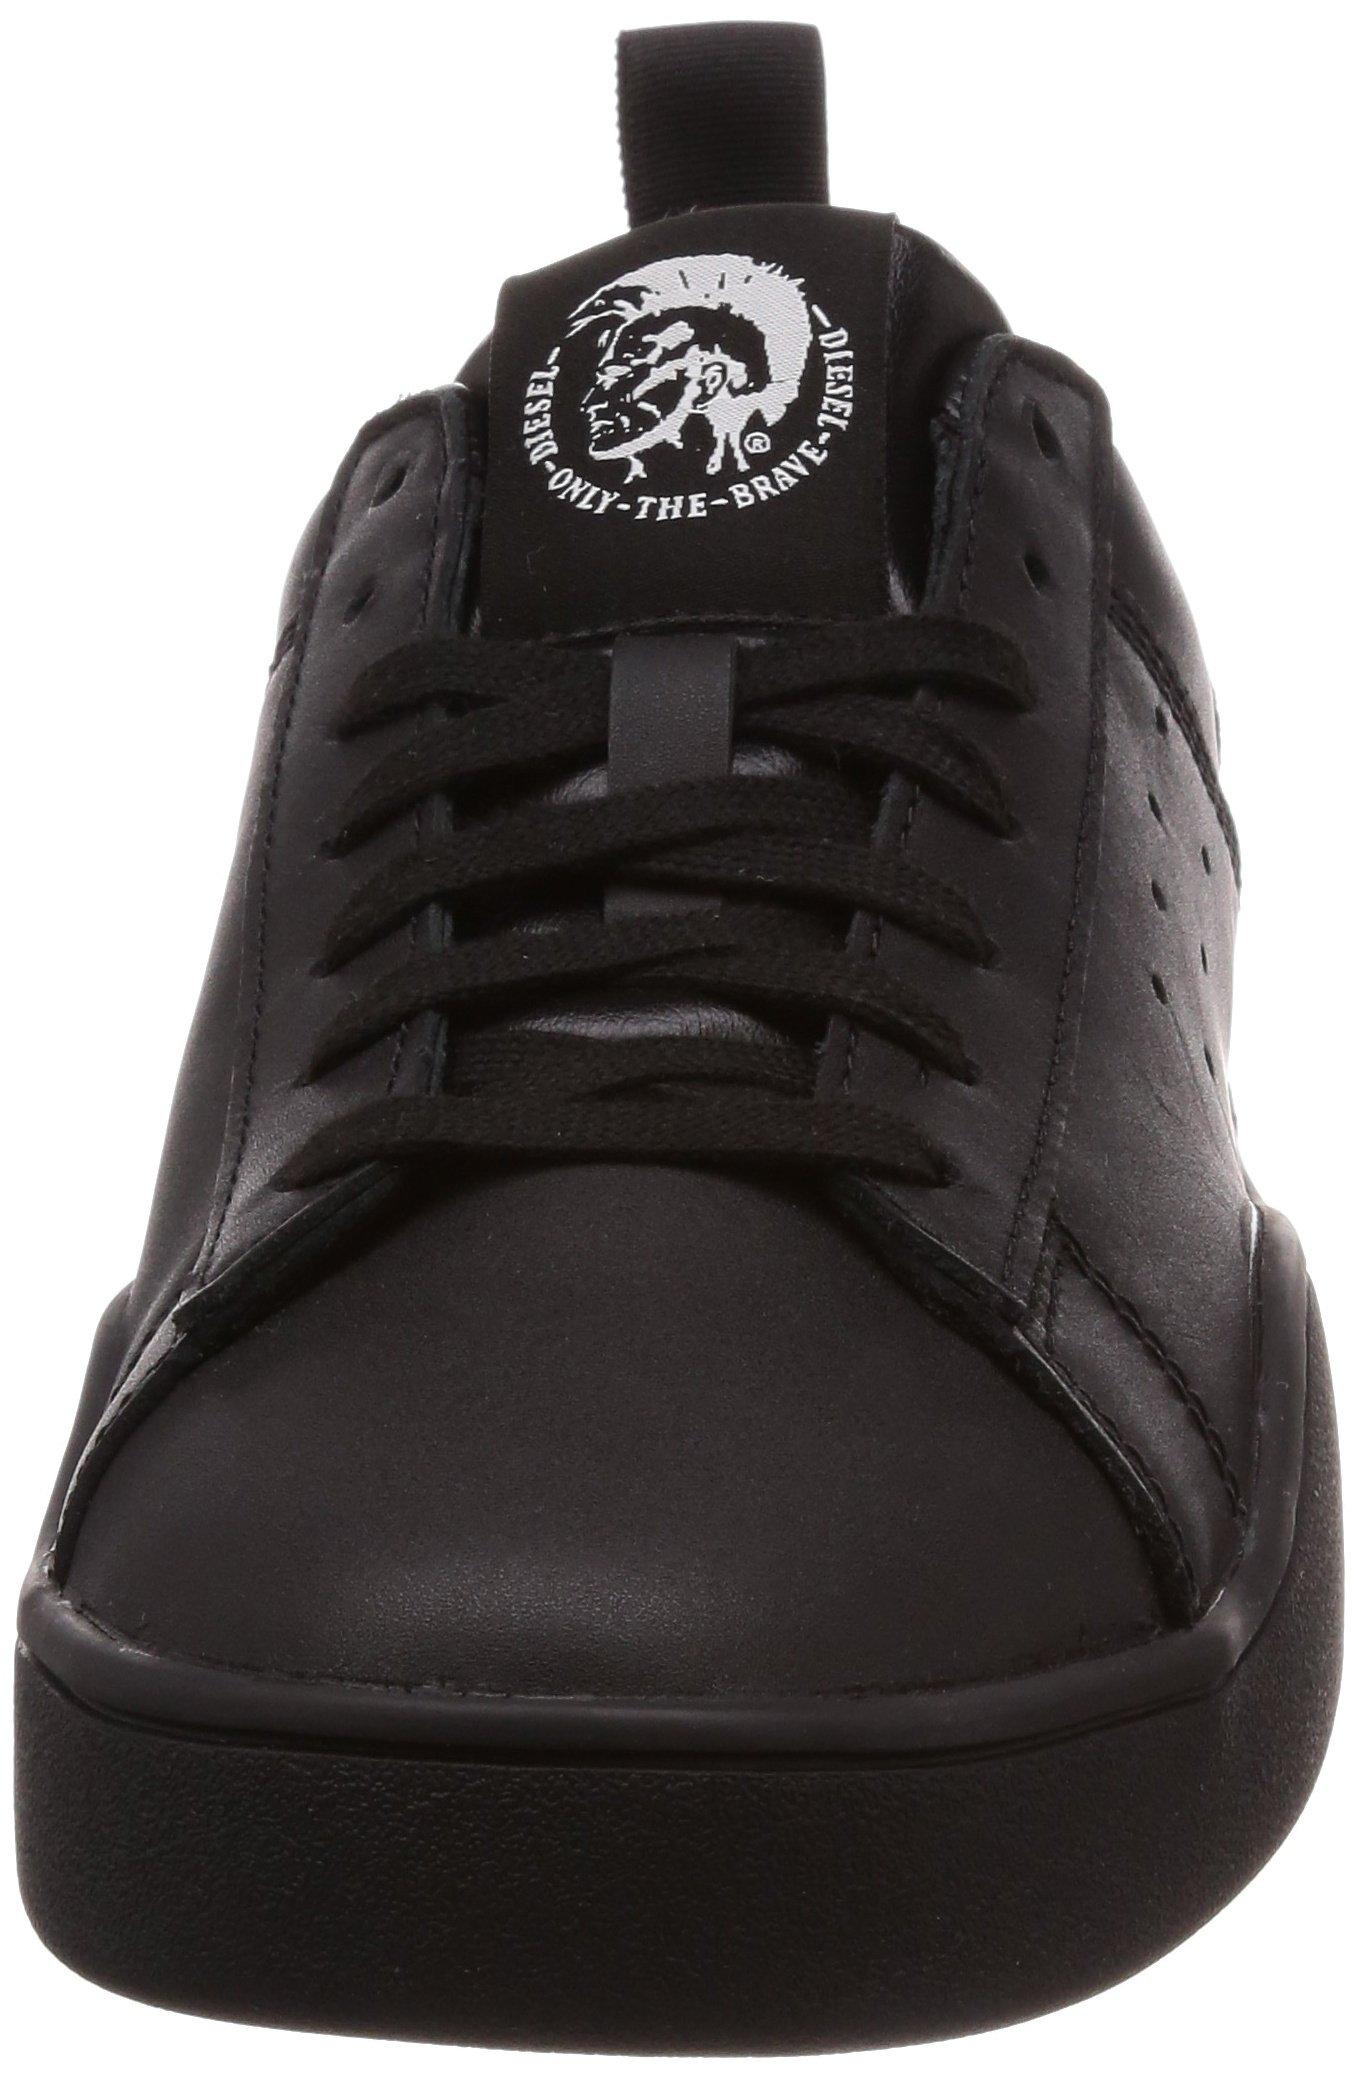 Diesel Men's S-Clever Low-Sneakers Black, 8 M US by Diesel (Image #4)